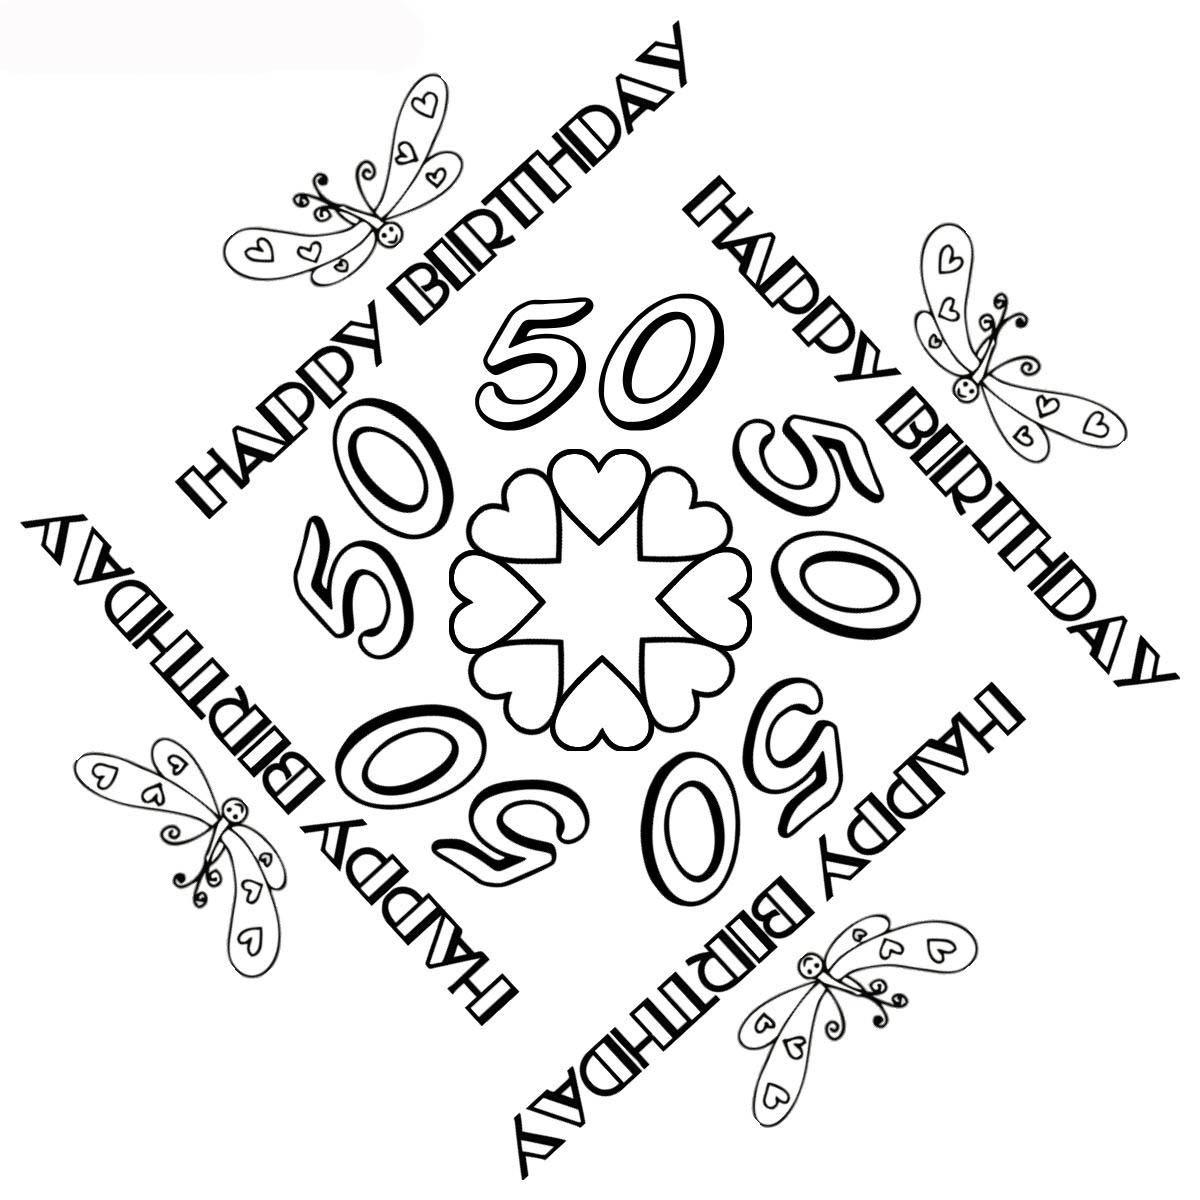 Ausmalbilder Geburtstag Zum Ausdrucken - 1Ausmalbilder bestimmt für Mandalas Geburtstag